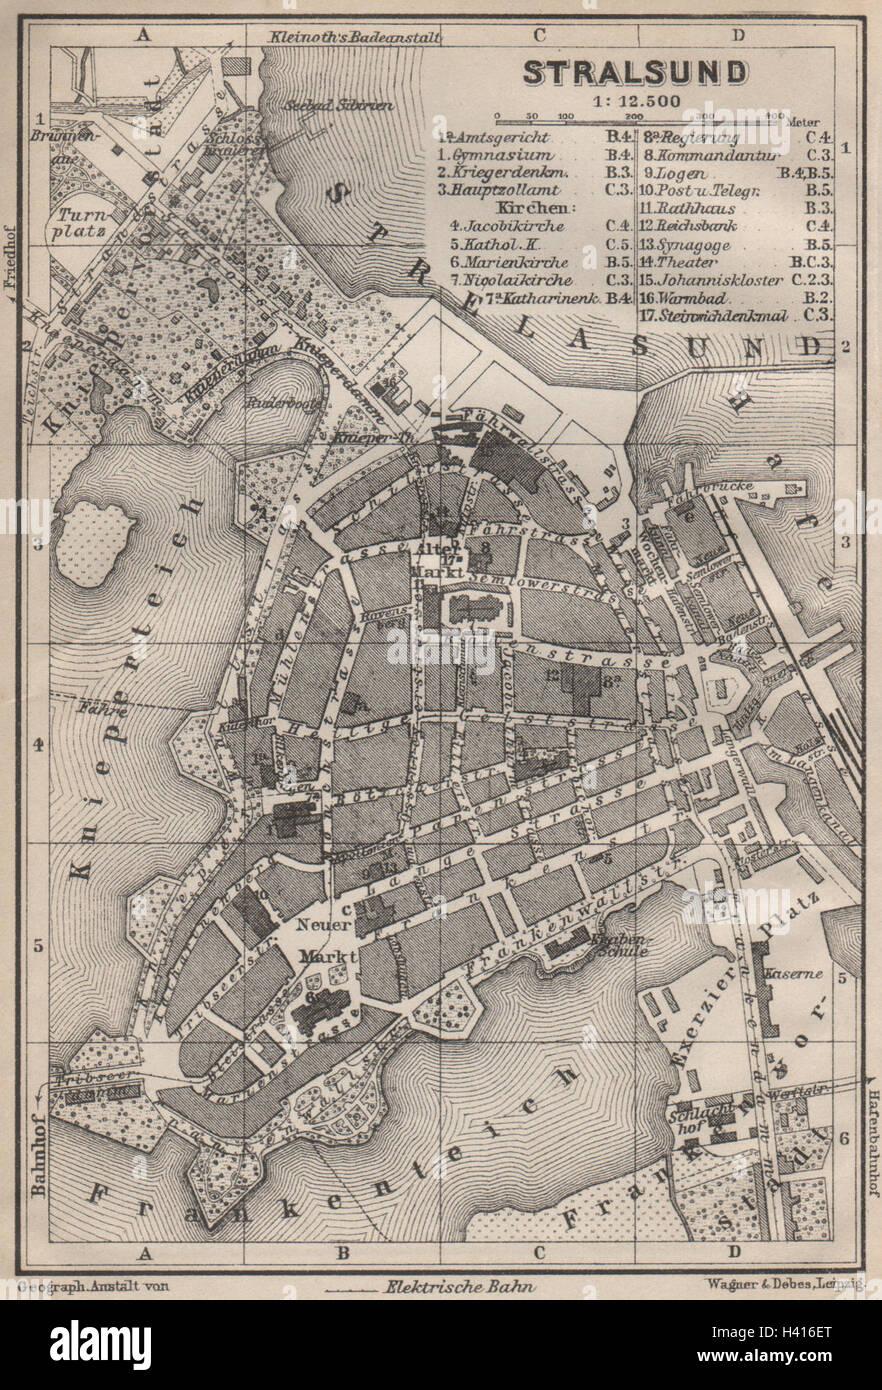 STRALSUND antique town city stadtplan. Mecklenburg-Vorpommern karte ...